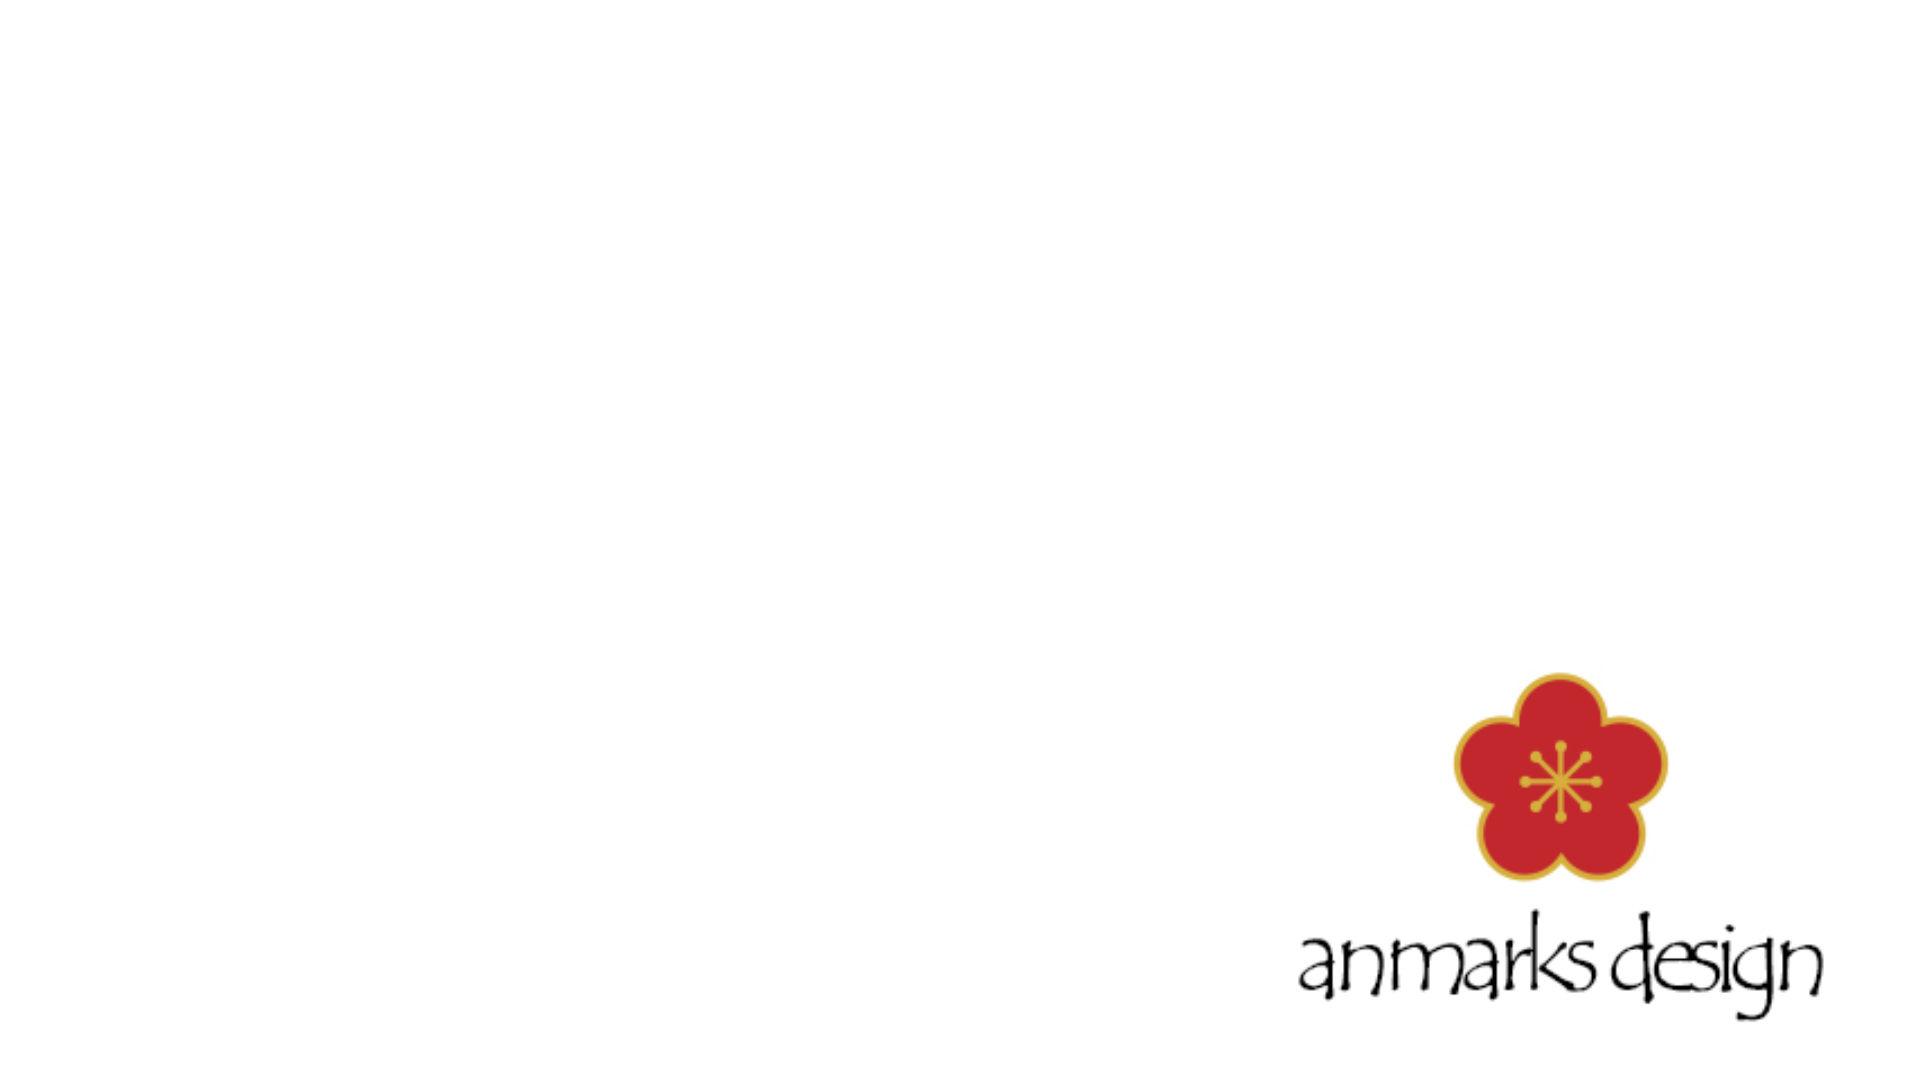 anmarks design